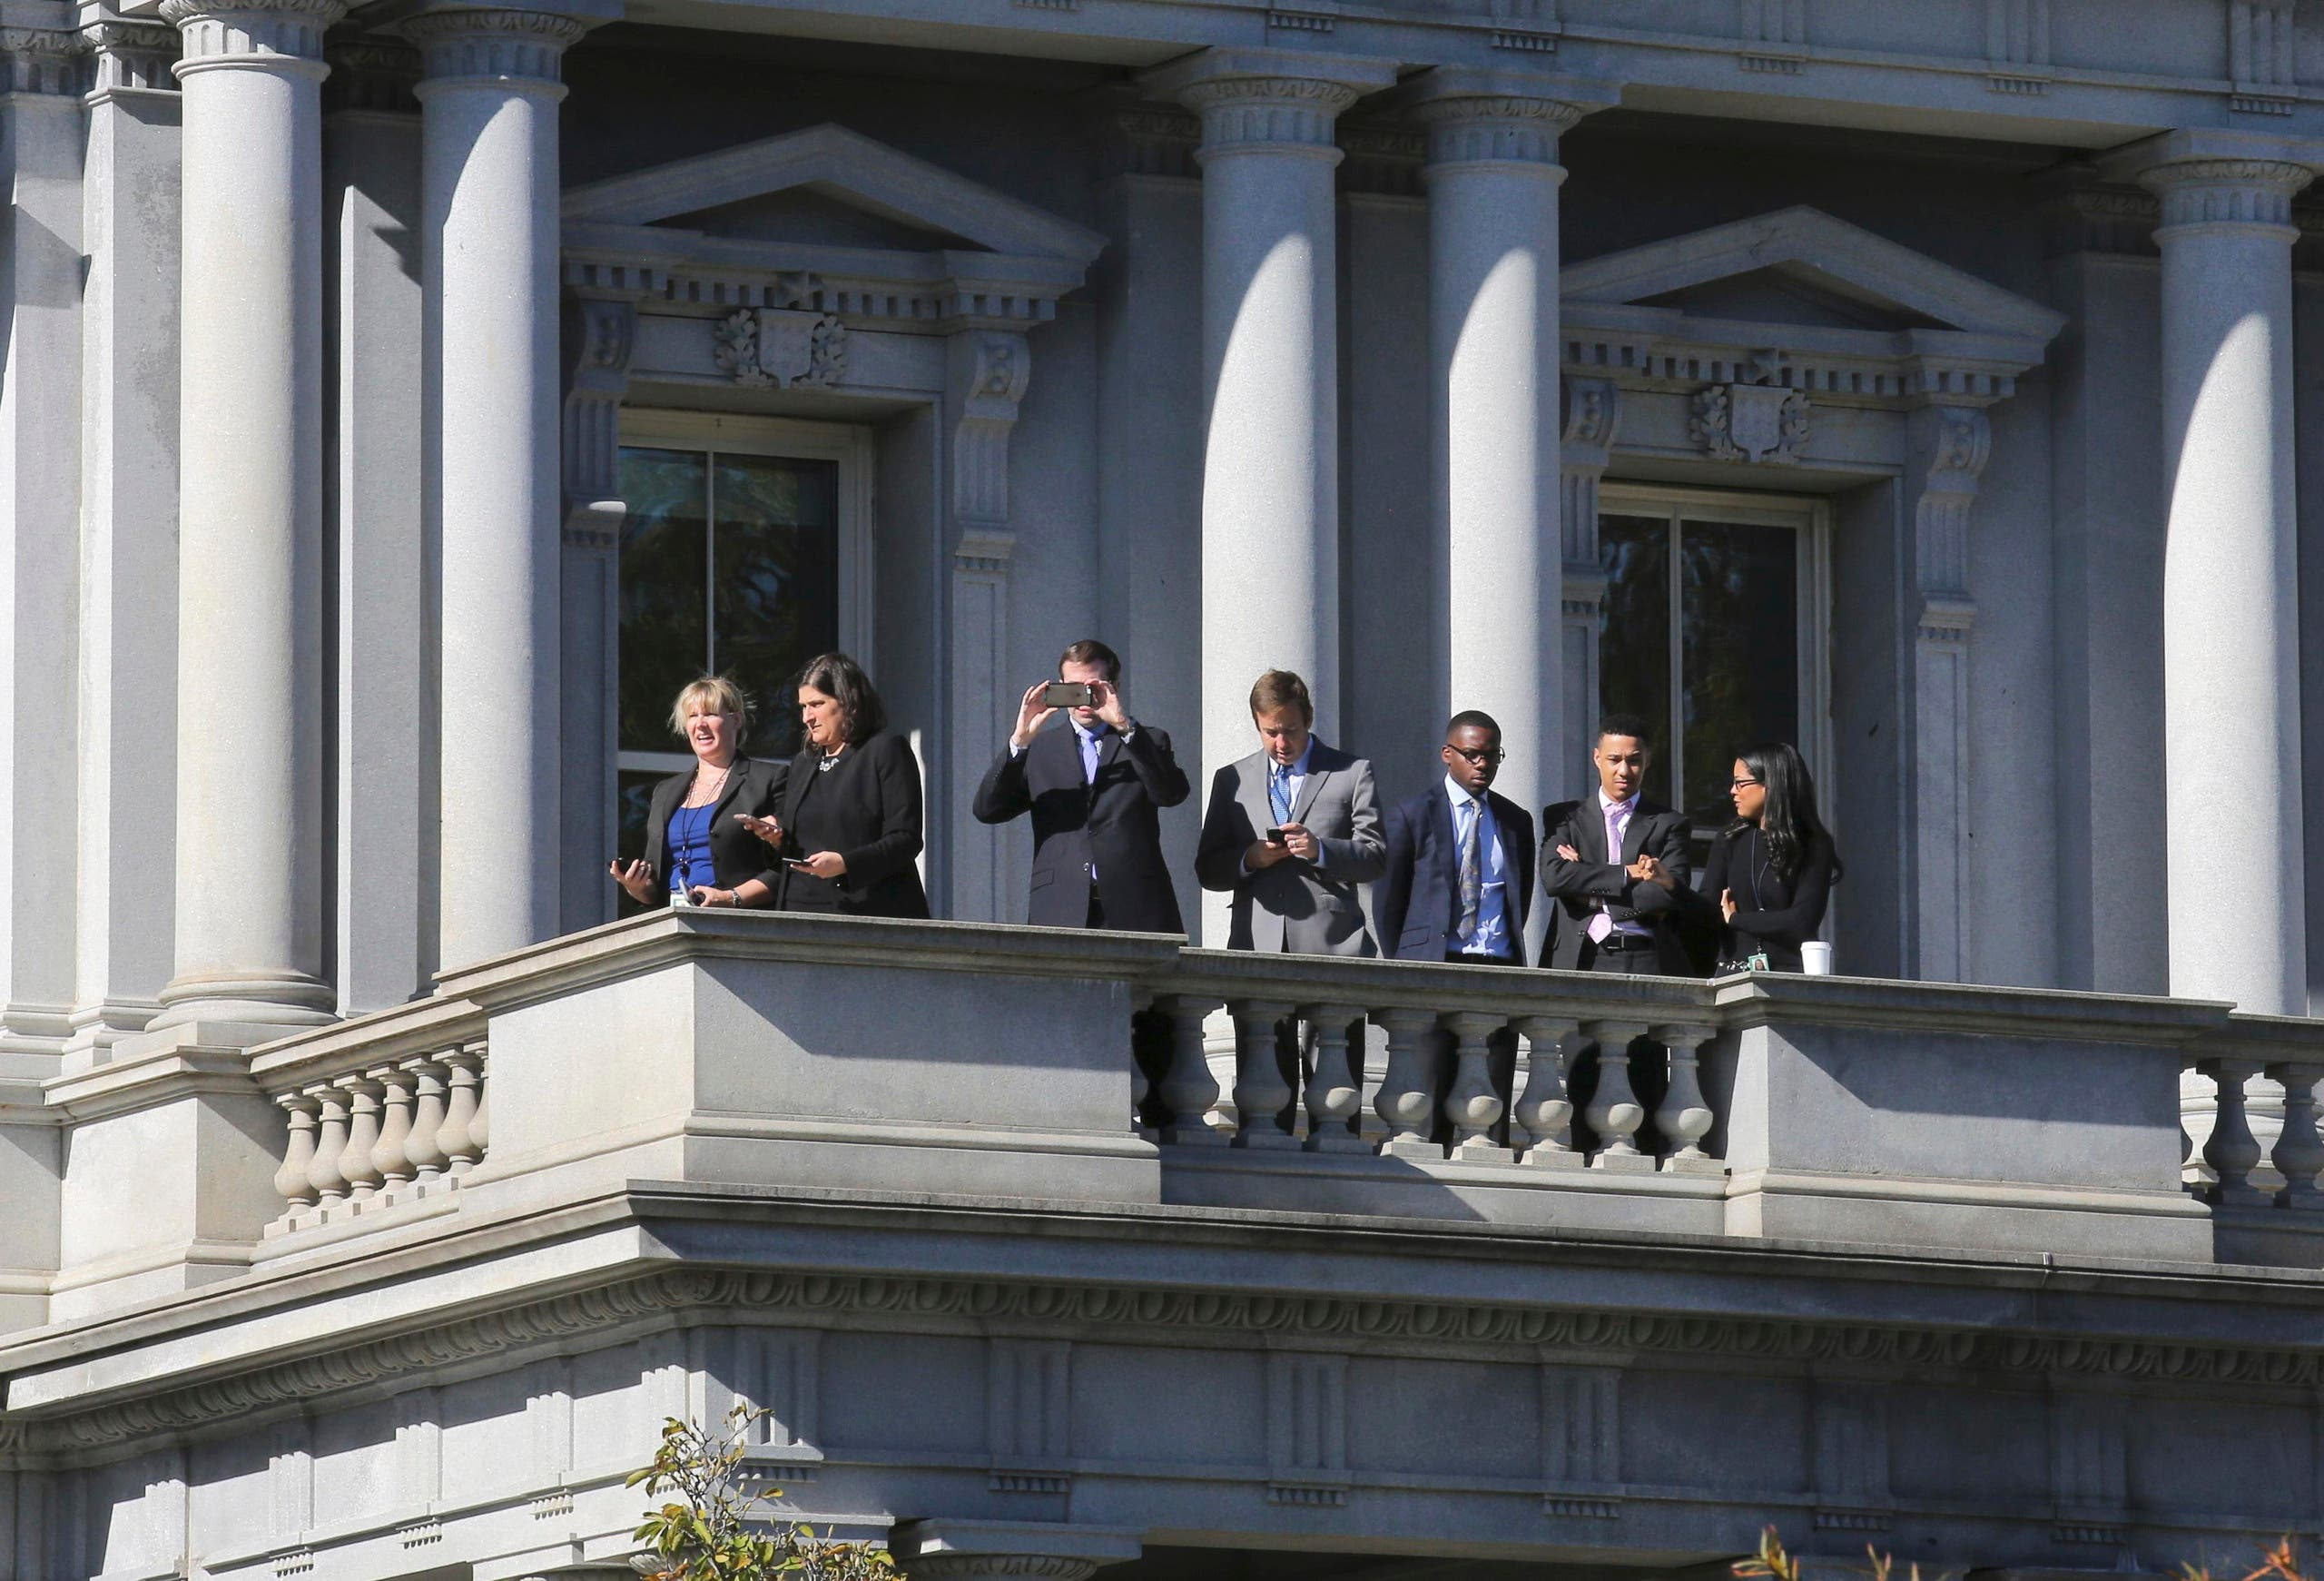 موظفون بالبيت الأبيض احتشدوا أمام أحد مبانيه لرؤية ترمب